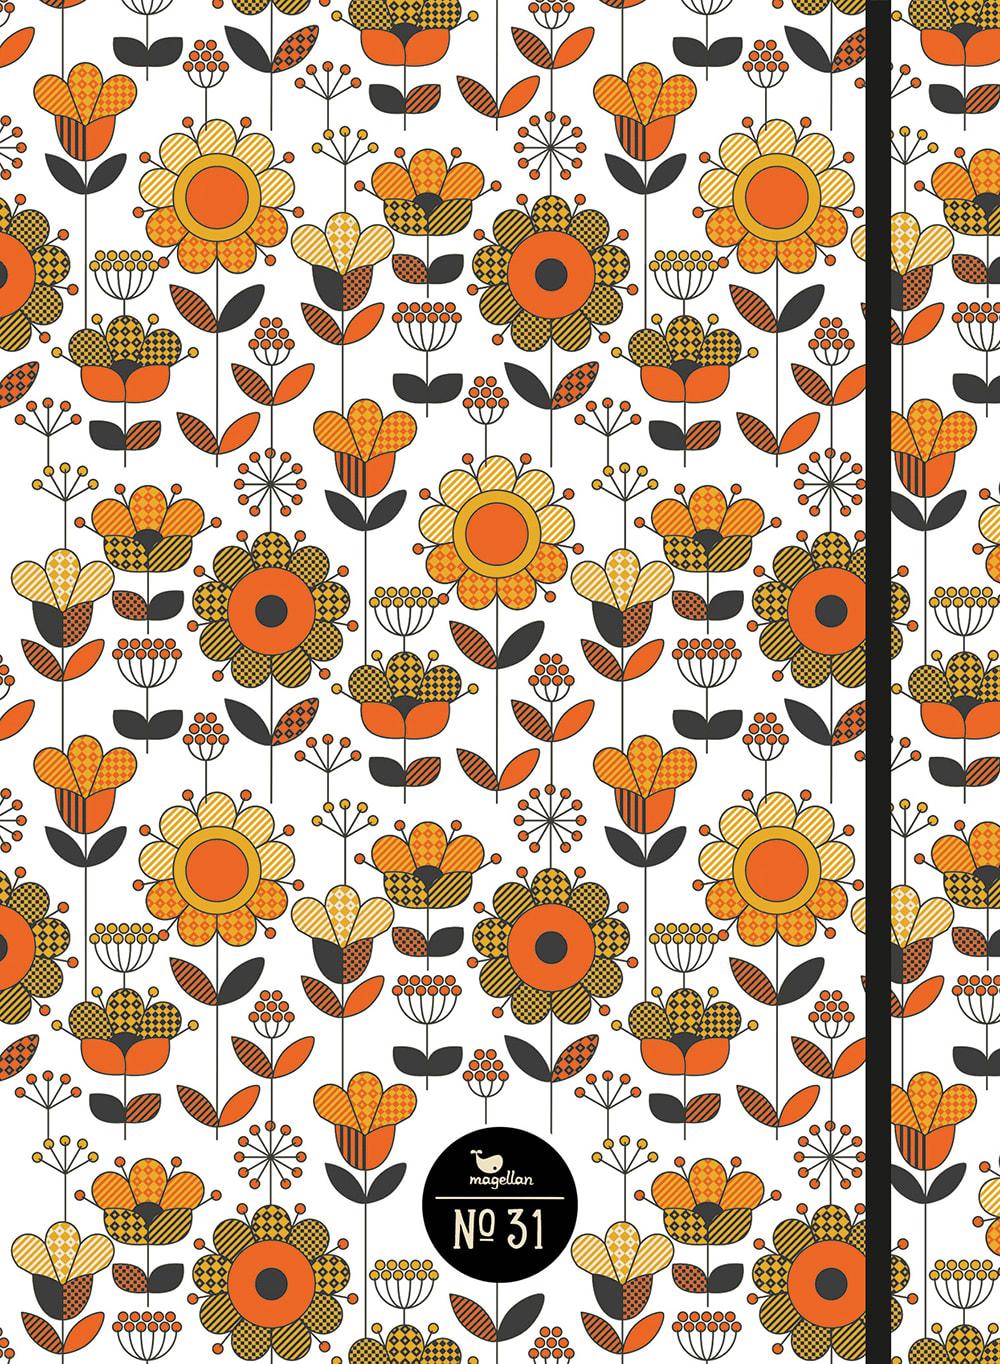 Notizbuch No. 31 - Retro-Blumen